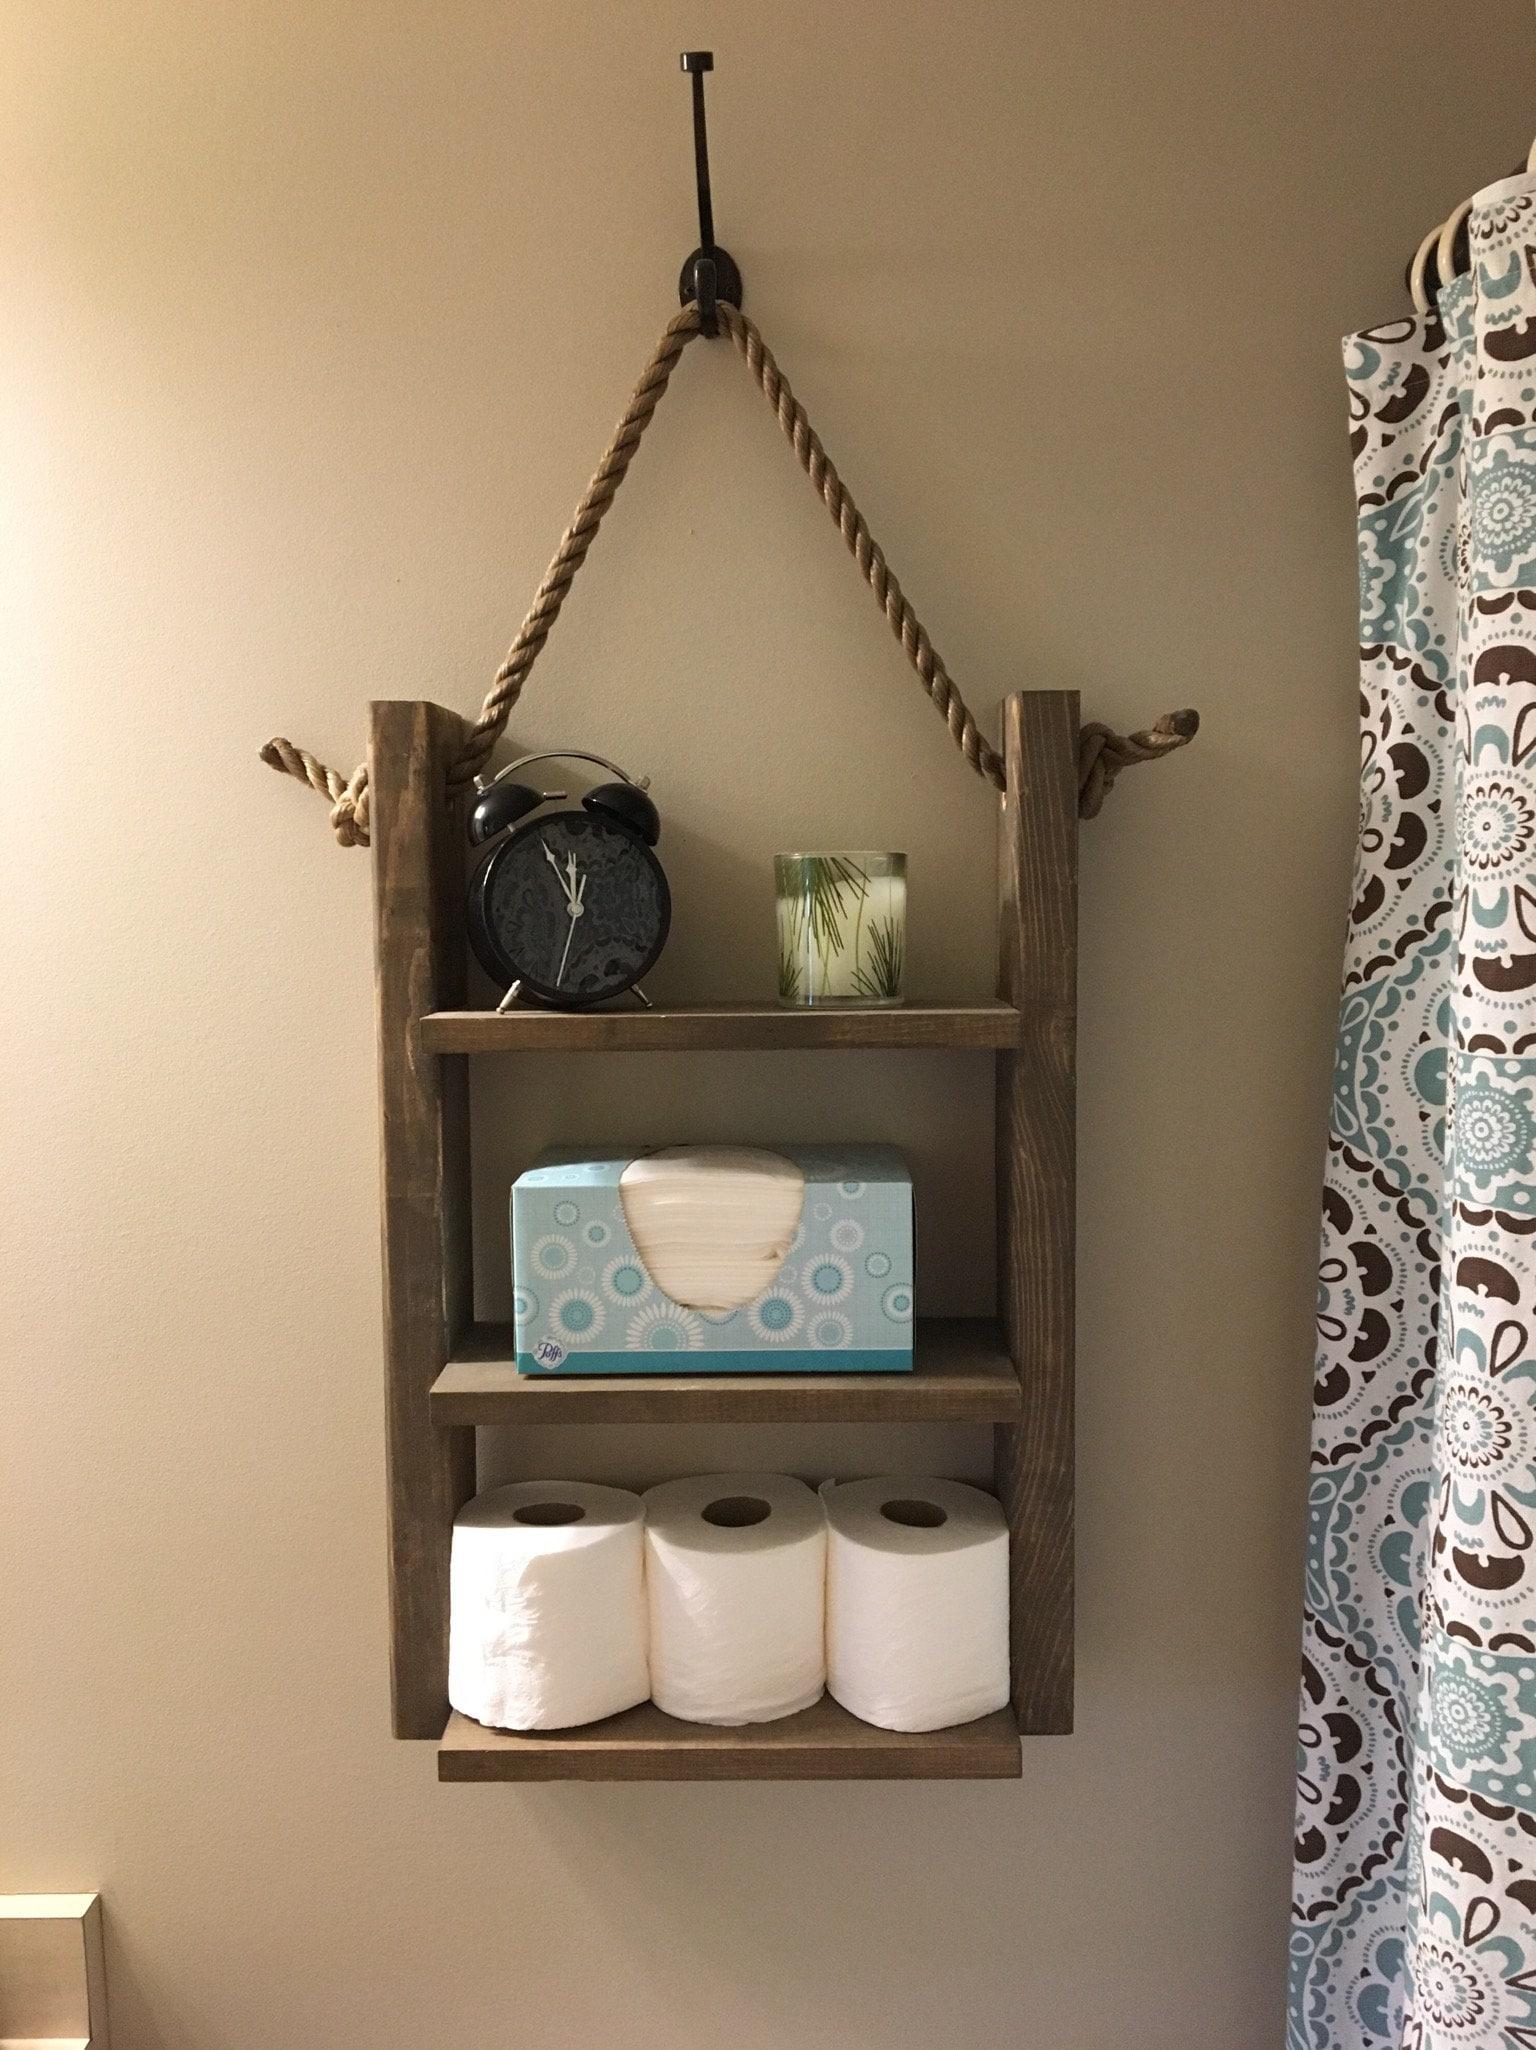 Bathroom Shelf Organizer, Hanging Bathroom Shelf